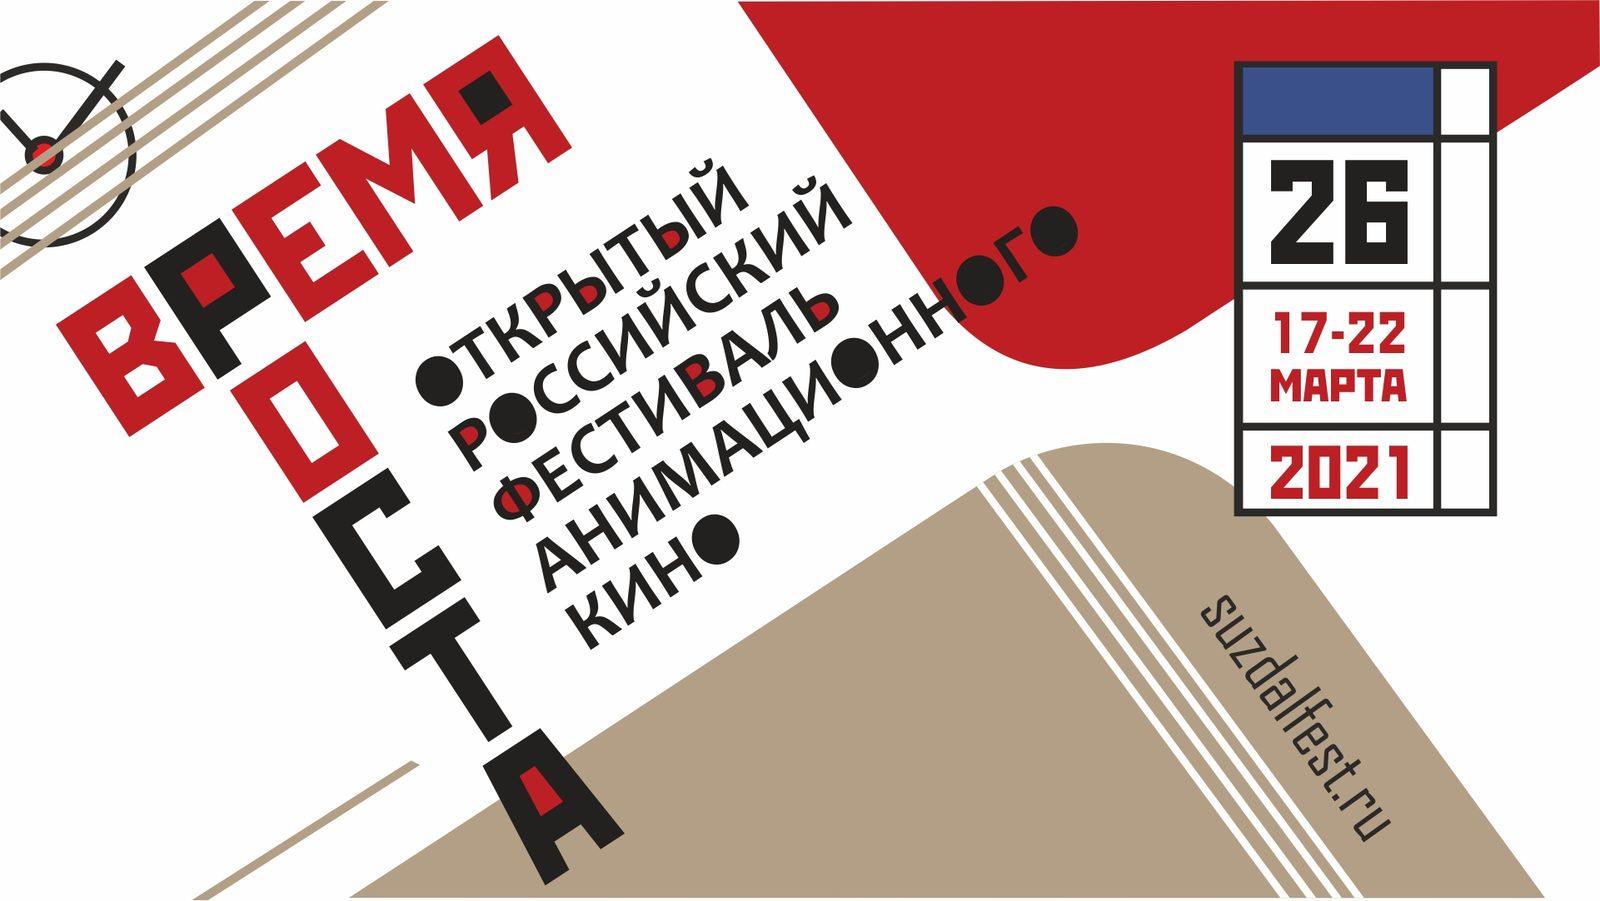 Стартовал приём заявок на участие в XXVI Суздальском фестивале анимационного кино